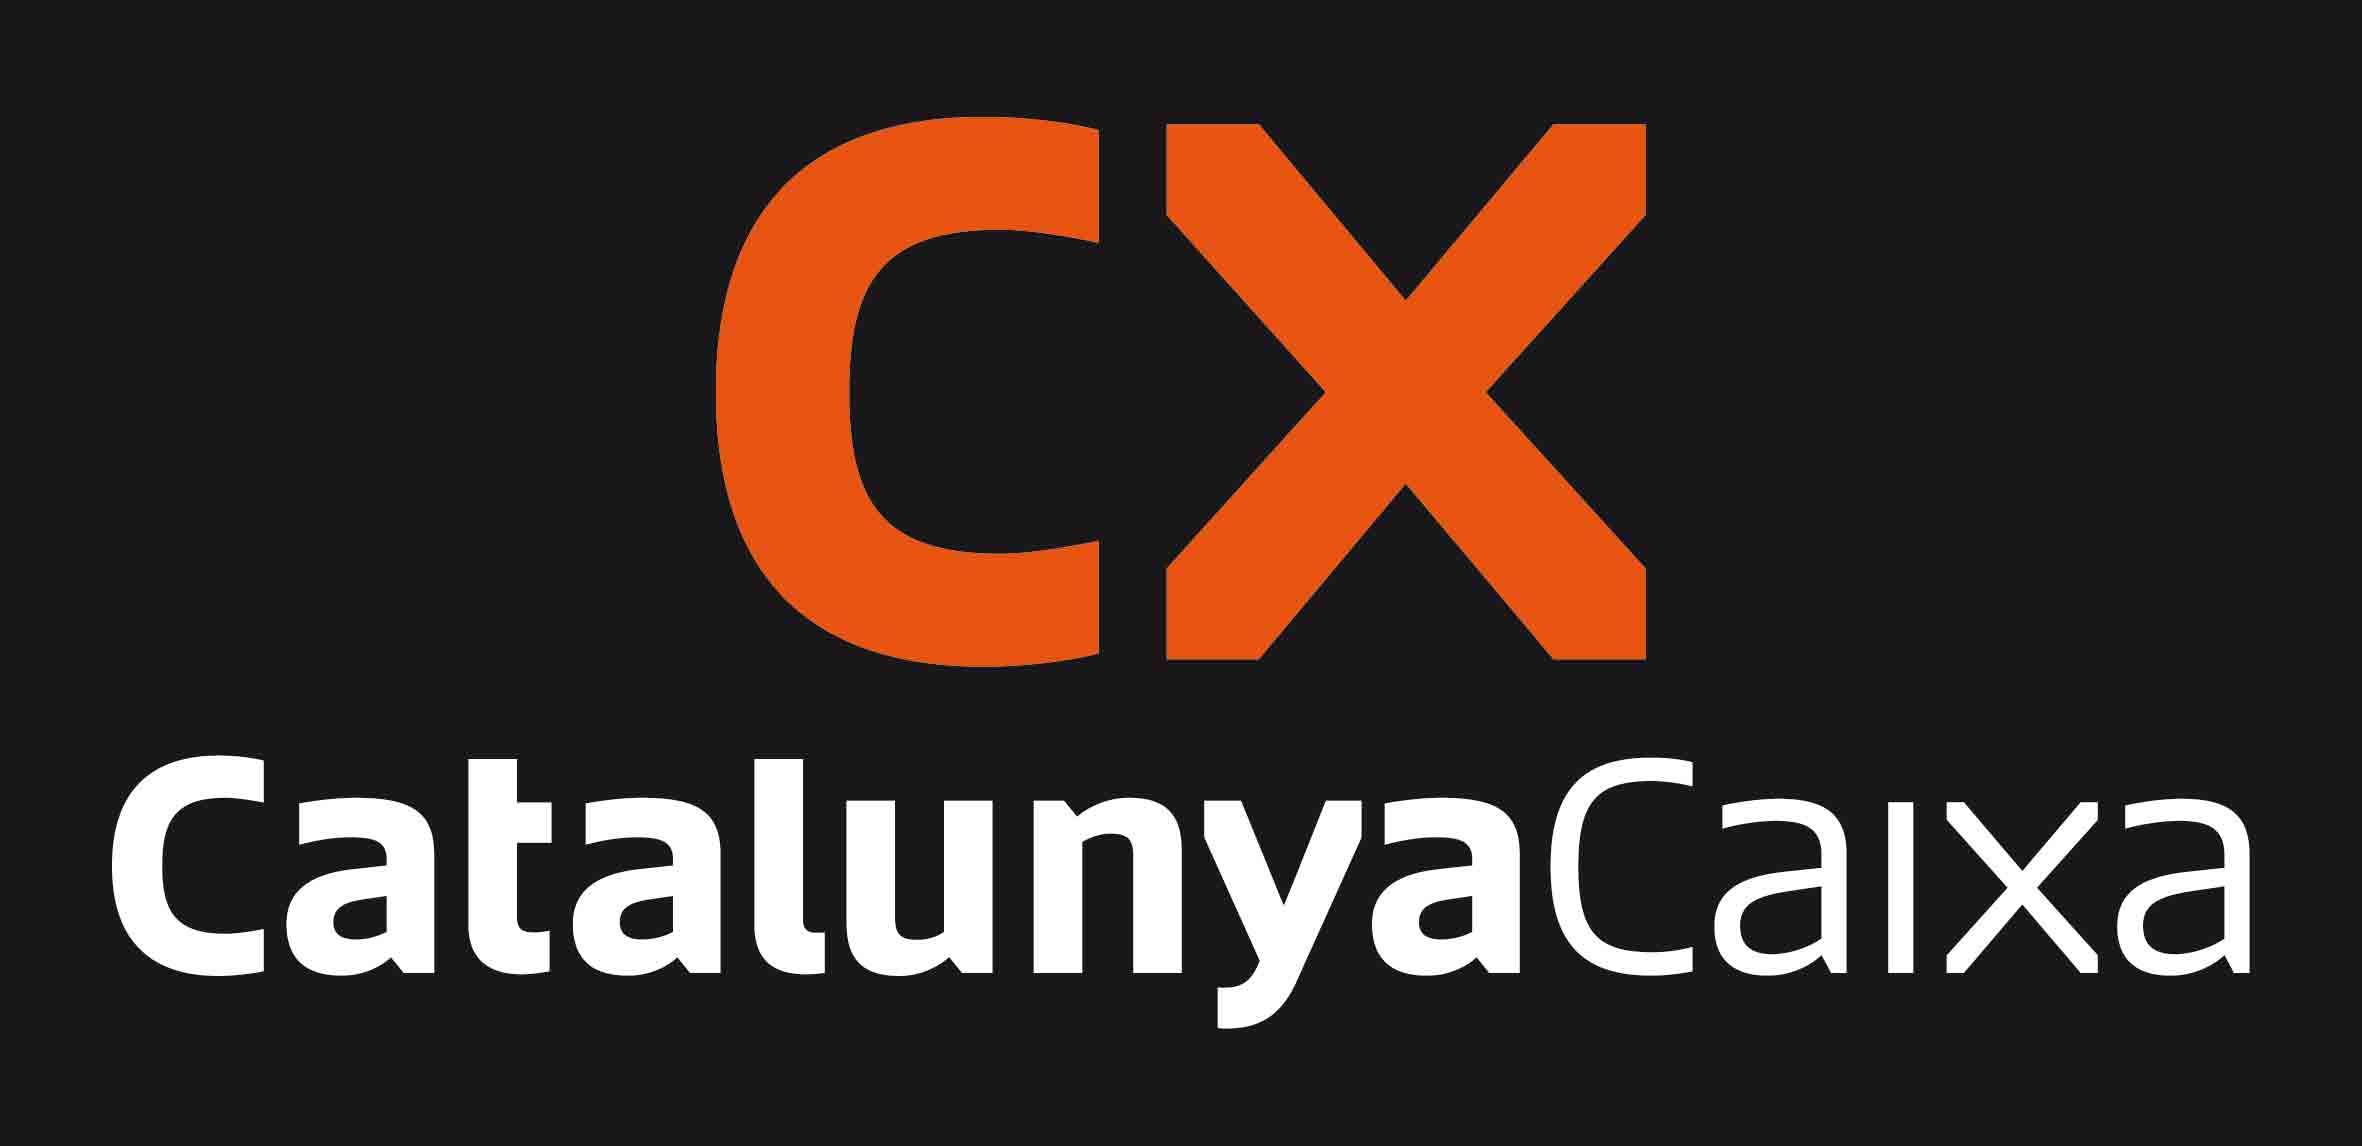 Entidades colaboradoras apadis for Cajeros caixa catalunya